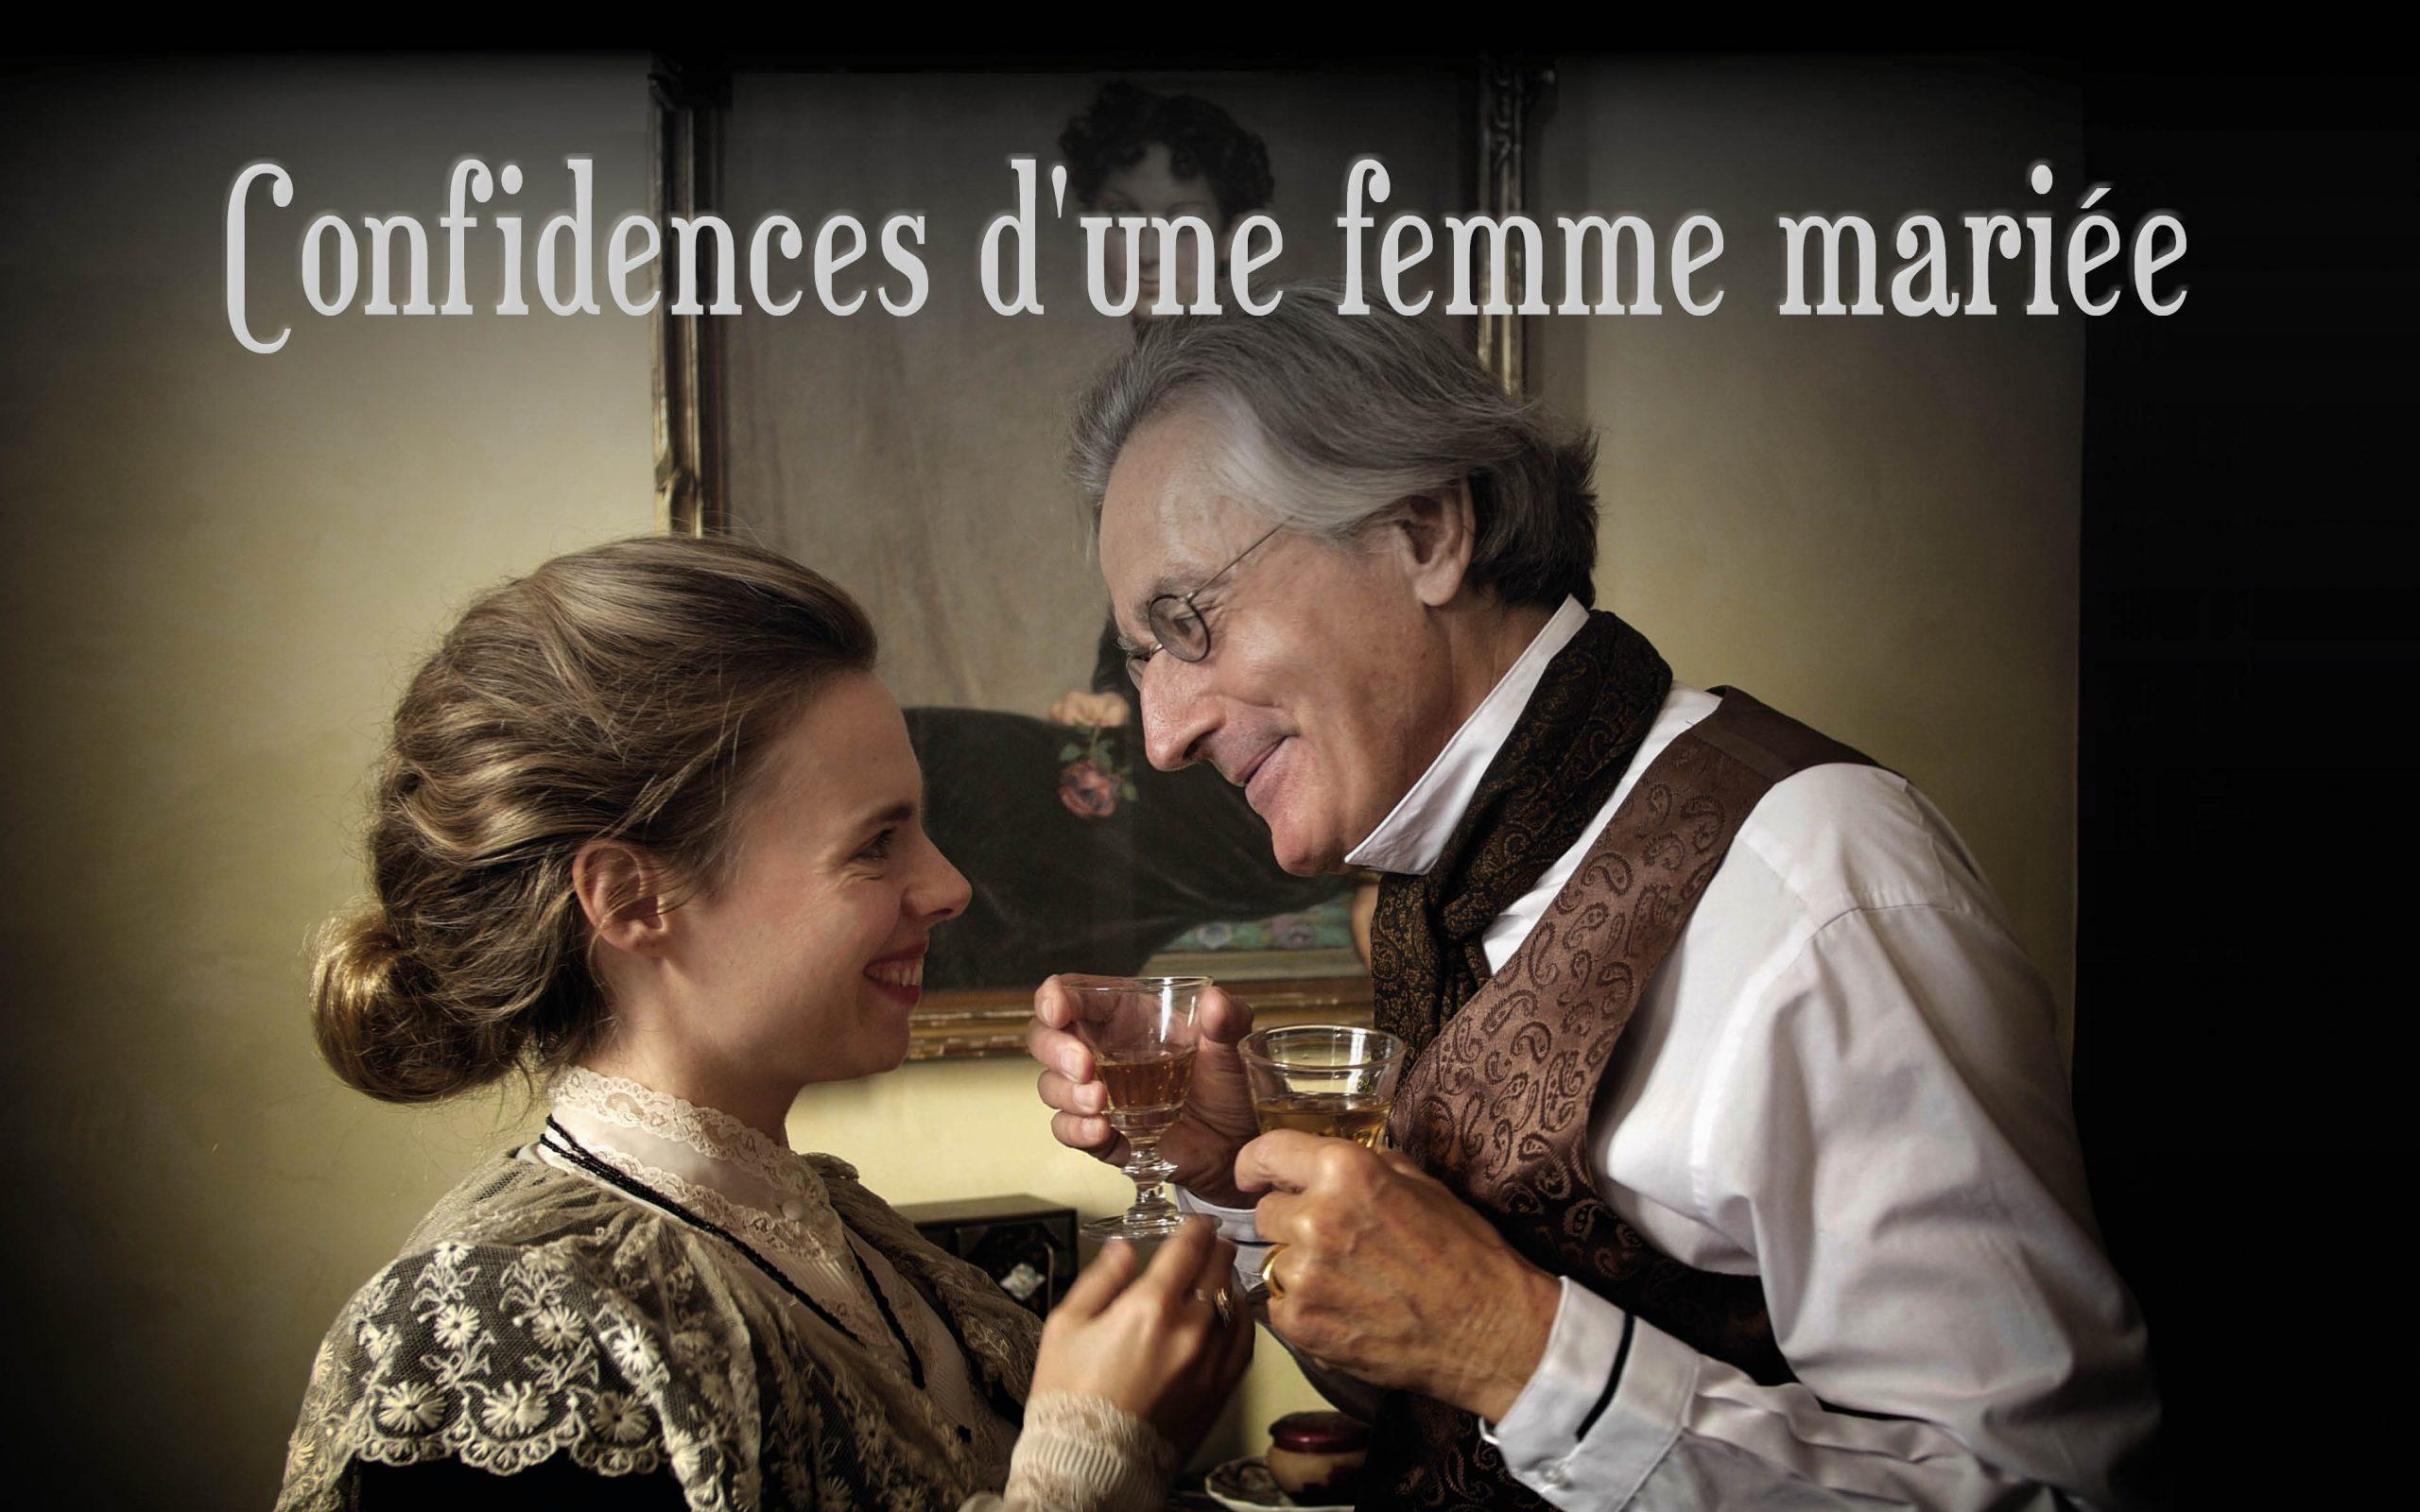 Cherche site rencontre femme marié - Adultère - FORUM sexualité - Doctissimo